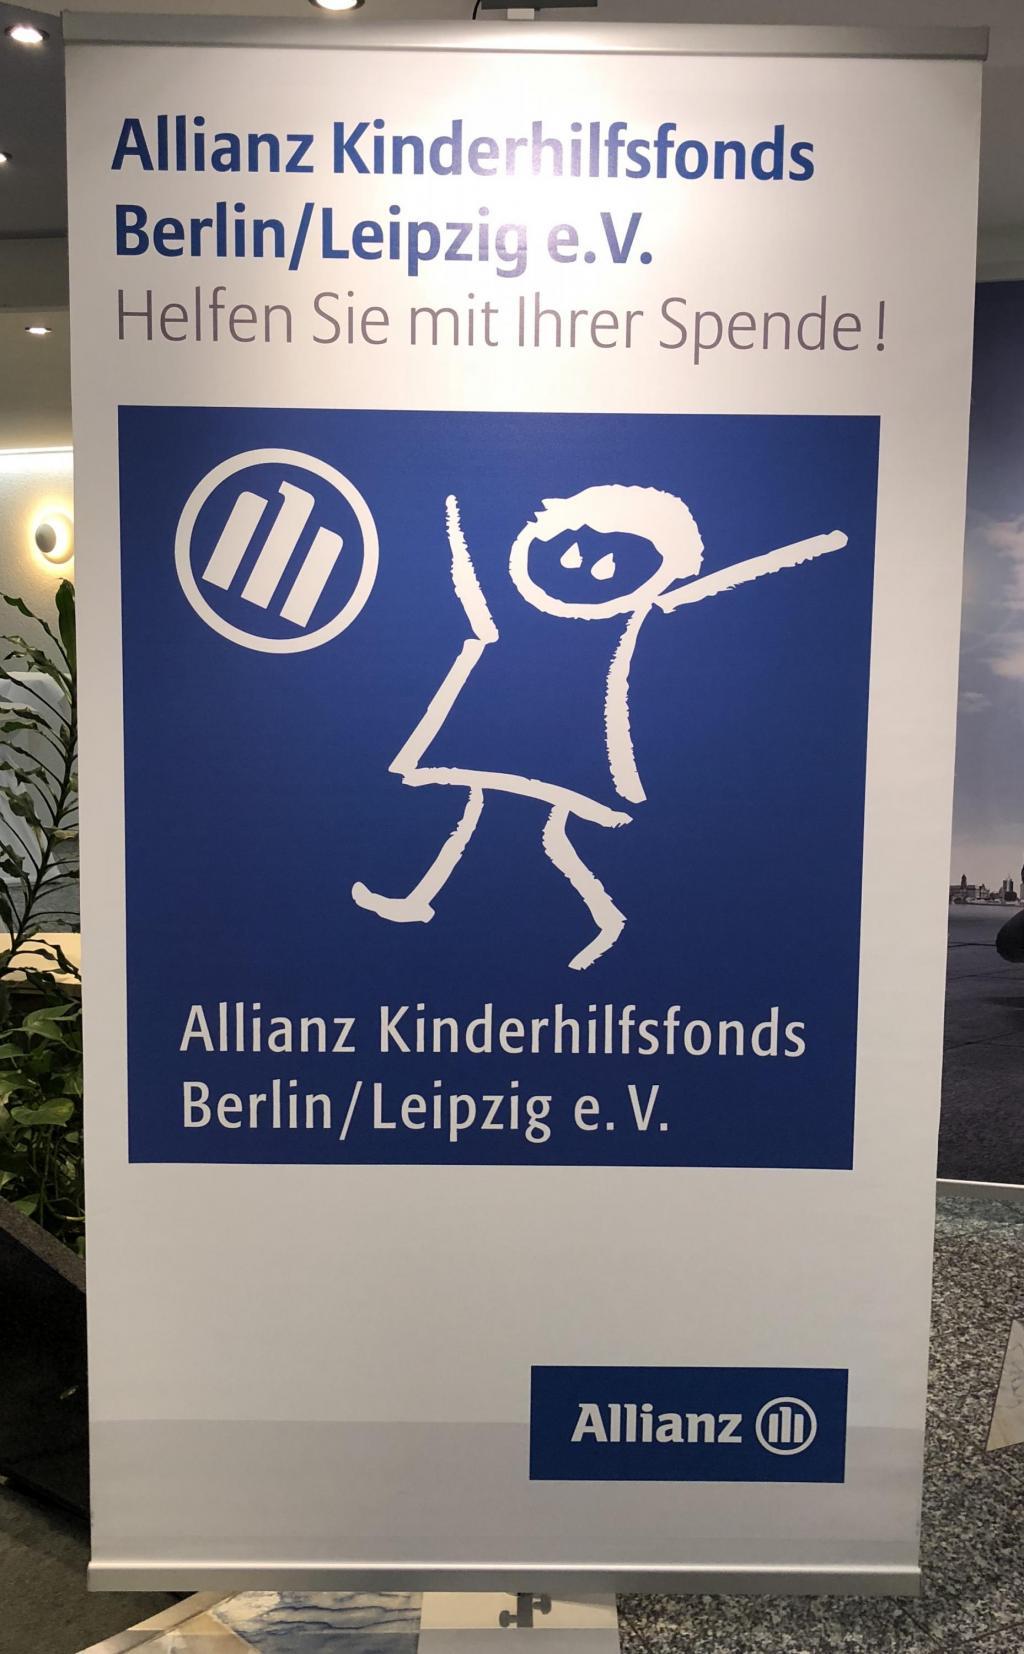 Liegt uns sehr am Herzen - Der Allianz Kinderhilfsfonds